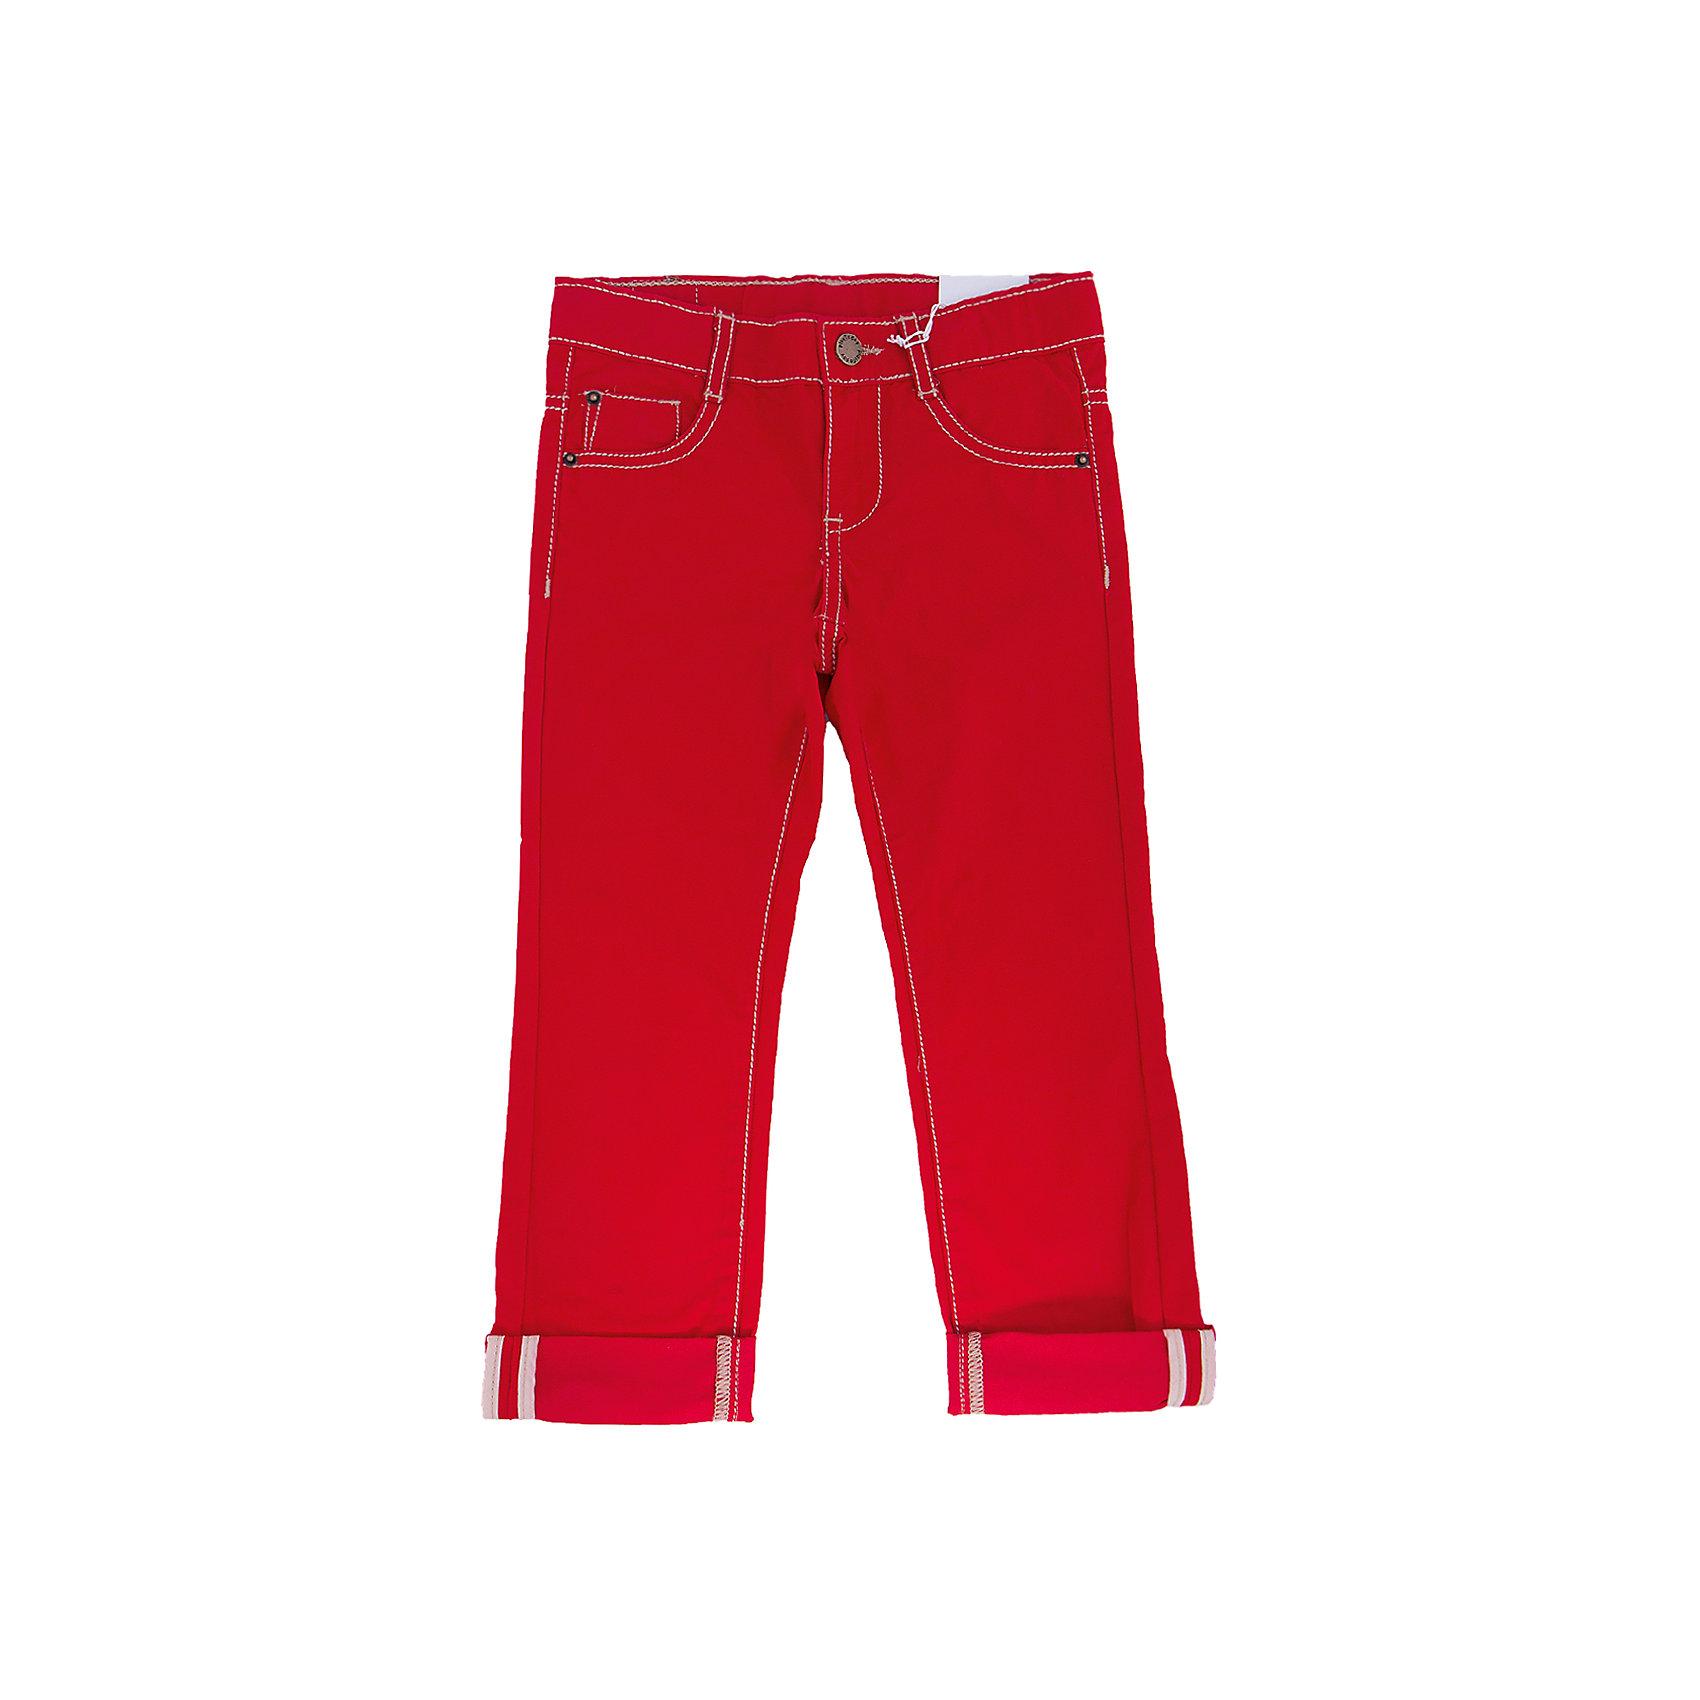 Джинсы для мальчика PlayTodayБрюки<br>Брюки для мальчика от известного бренда PlayToday.<br>Ярко-красные твиловые брюки, классическая пятикарманка. Застегиваются на молнию и кнопку, есть шлевки для ремня. Контрастная бежевая стежка.<br>Состав:<br>100% хлопок<br><br>Ширина мм: 215<br>Глубина мм: 88<br>Высота мм: 191<br>Вес г: 336<br>Цвет: красный<br>Возраст от месяцев: 36<br>Возраст до месяцев: 48<br>Пол: Мужской<br>Возраст: Детский<br>Размер: 104,122,128,110,116,98<br>SKU: 4896607